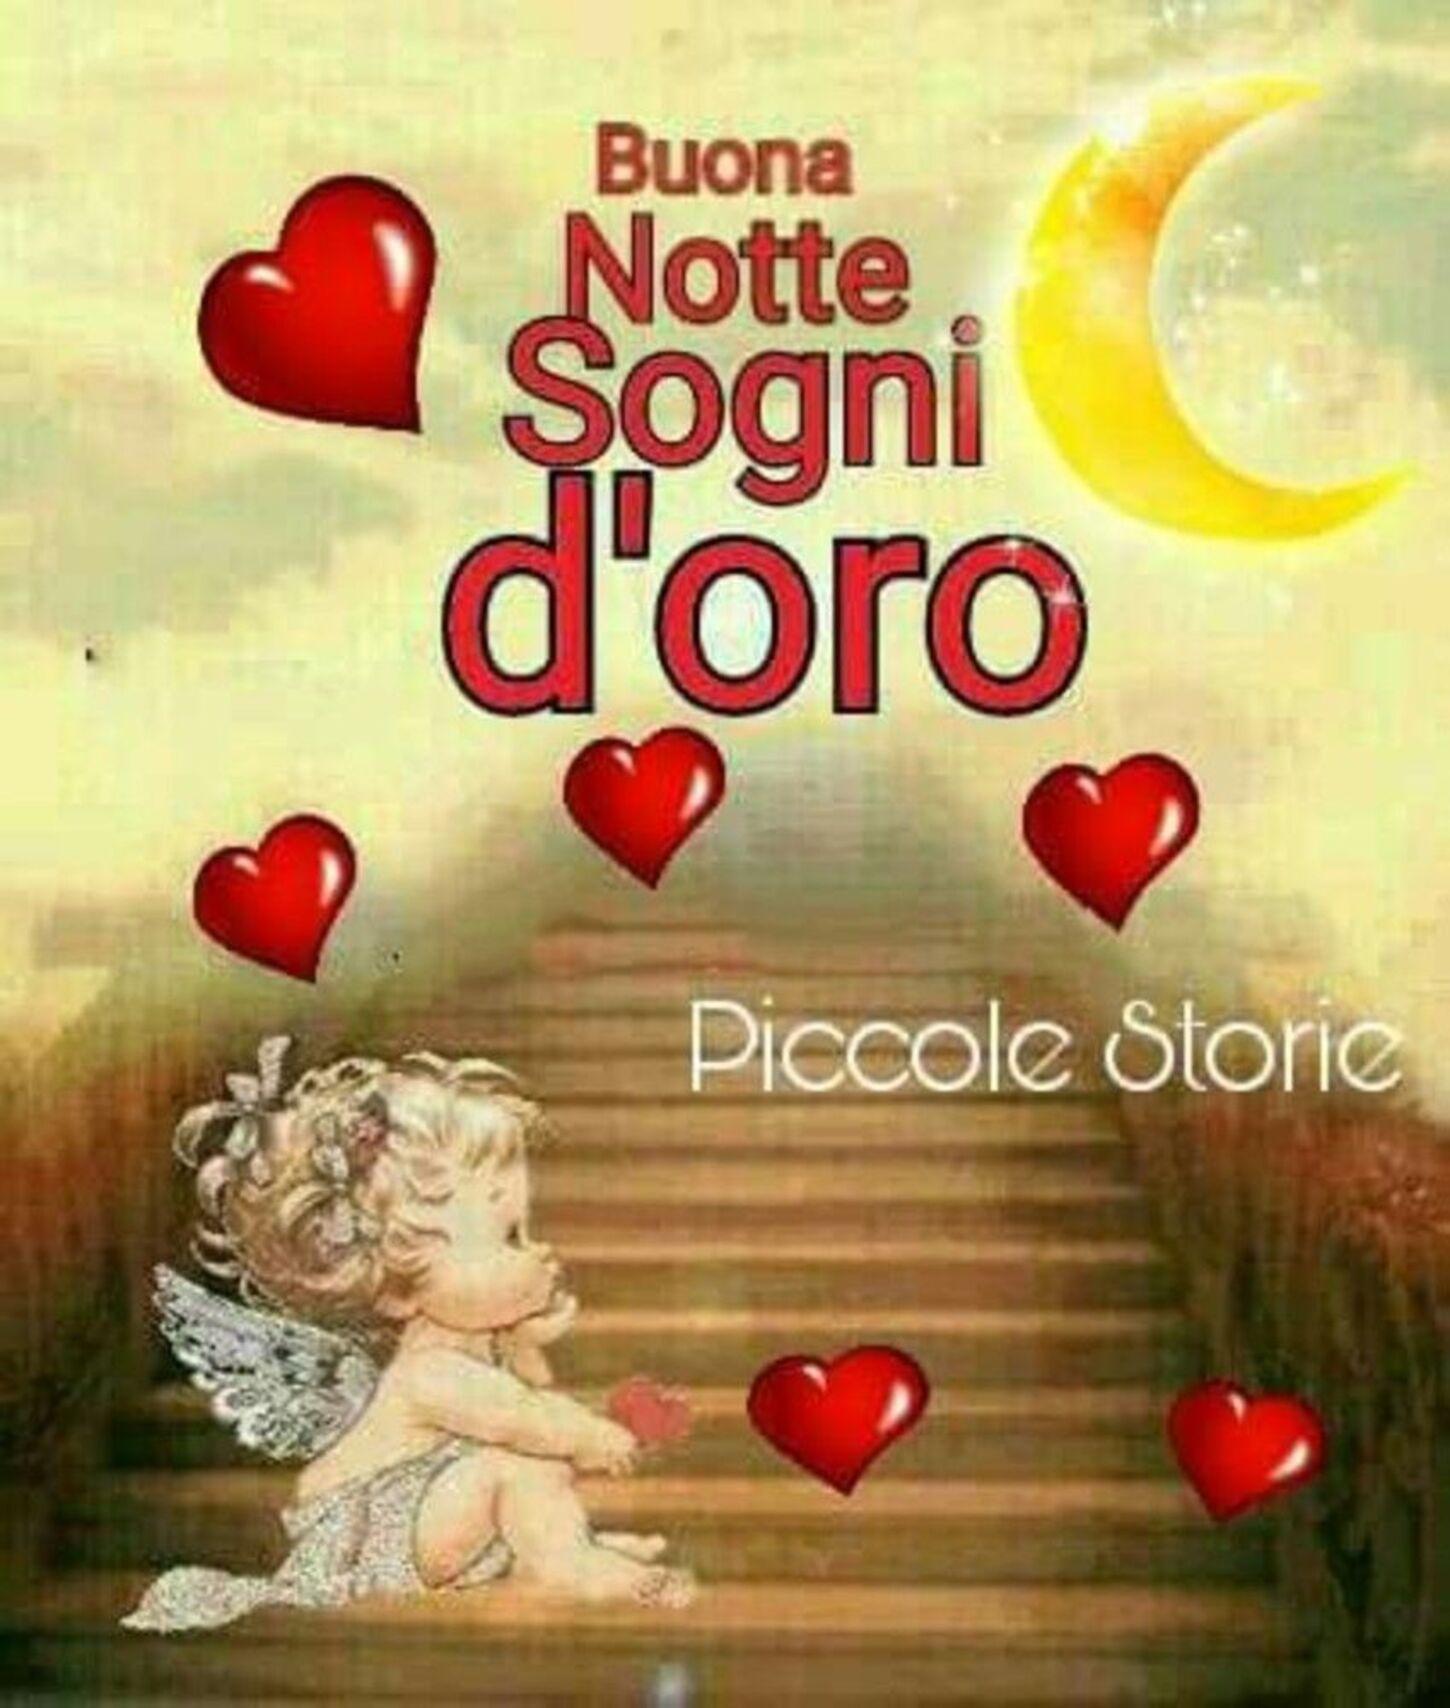 Buona Notte, Sogni d'Oro angioletto